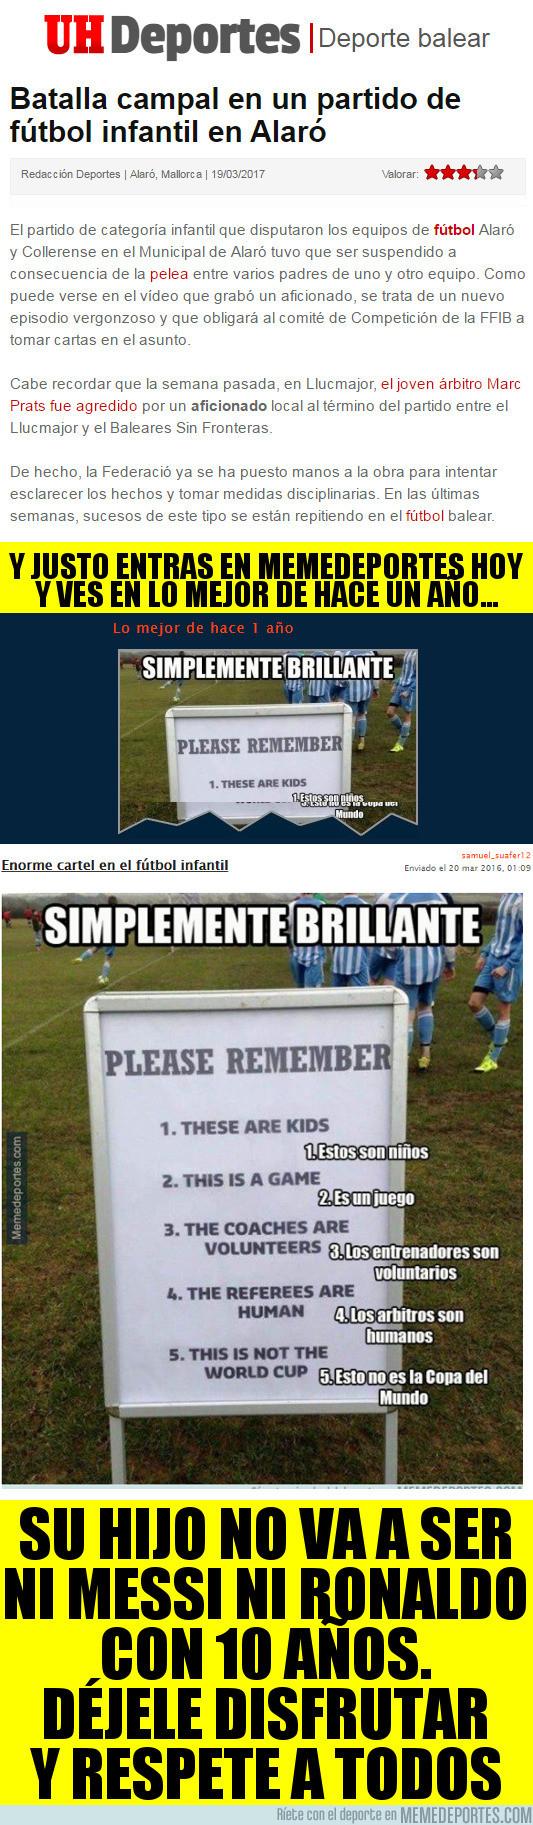 961095 - Otro vergonzoso acto de padres en el fútbol infantil...